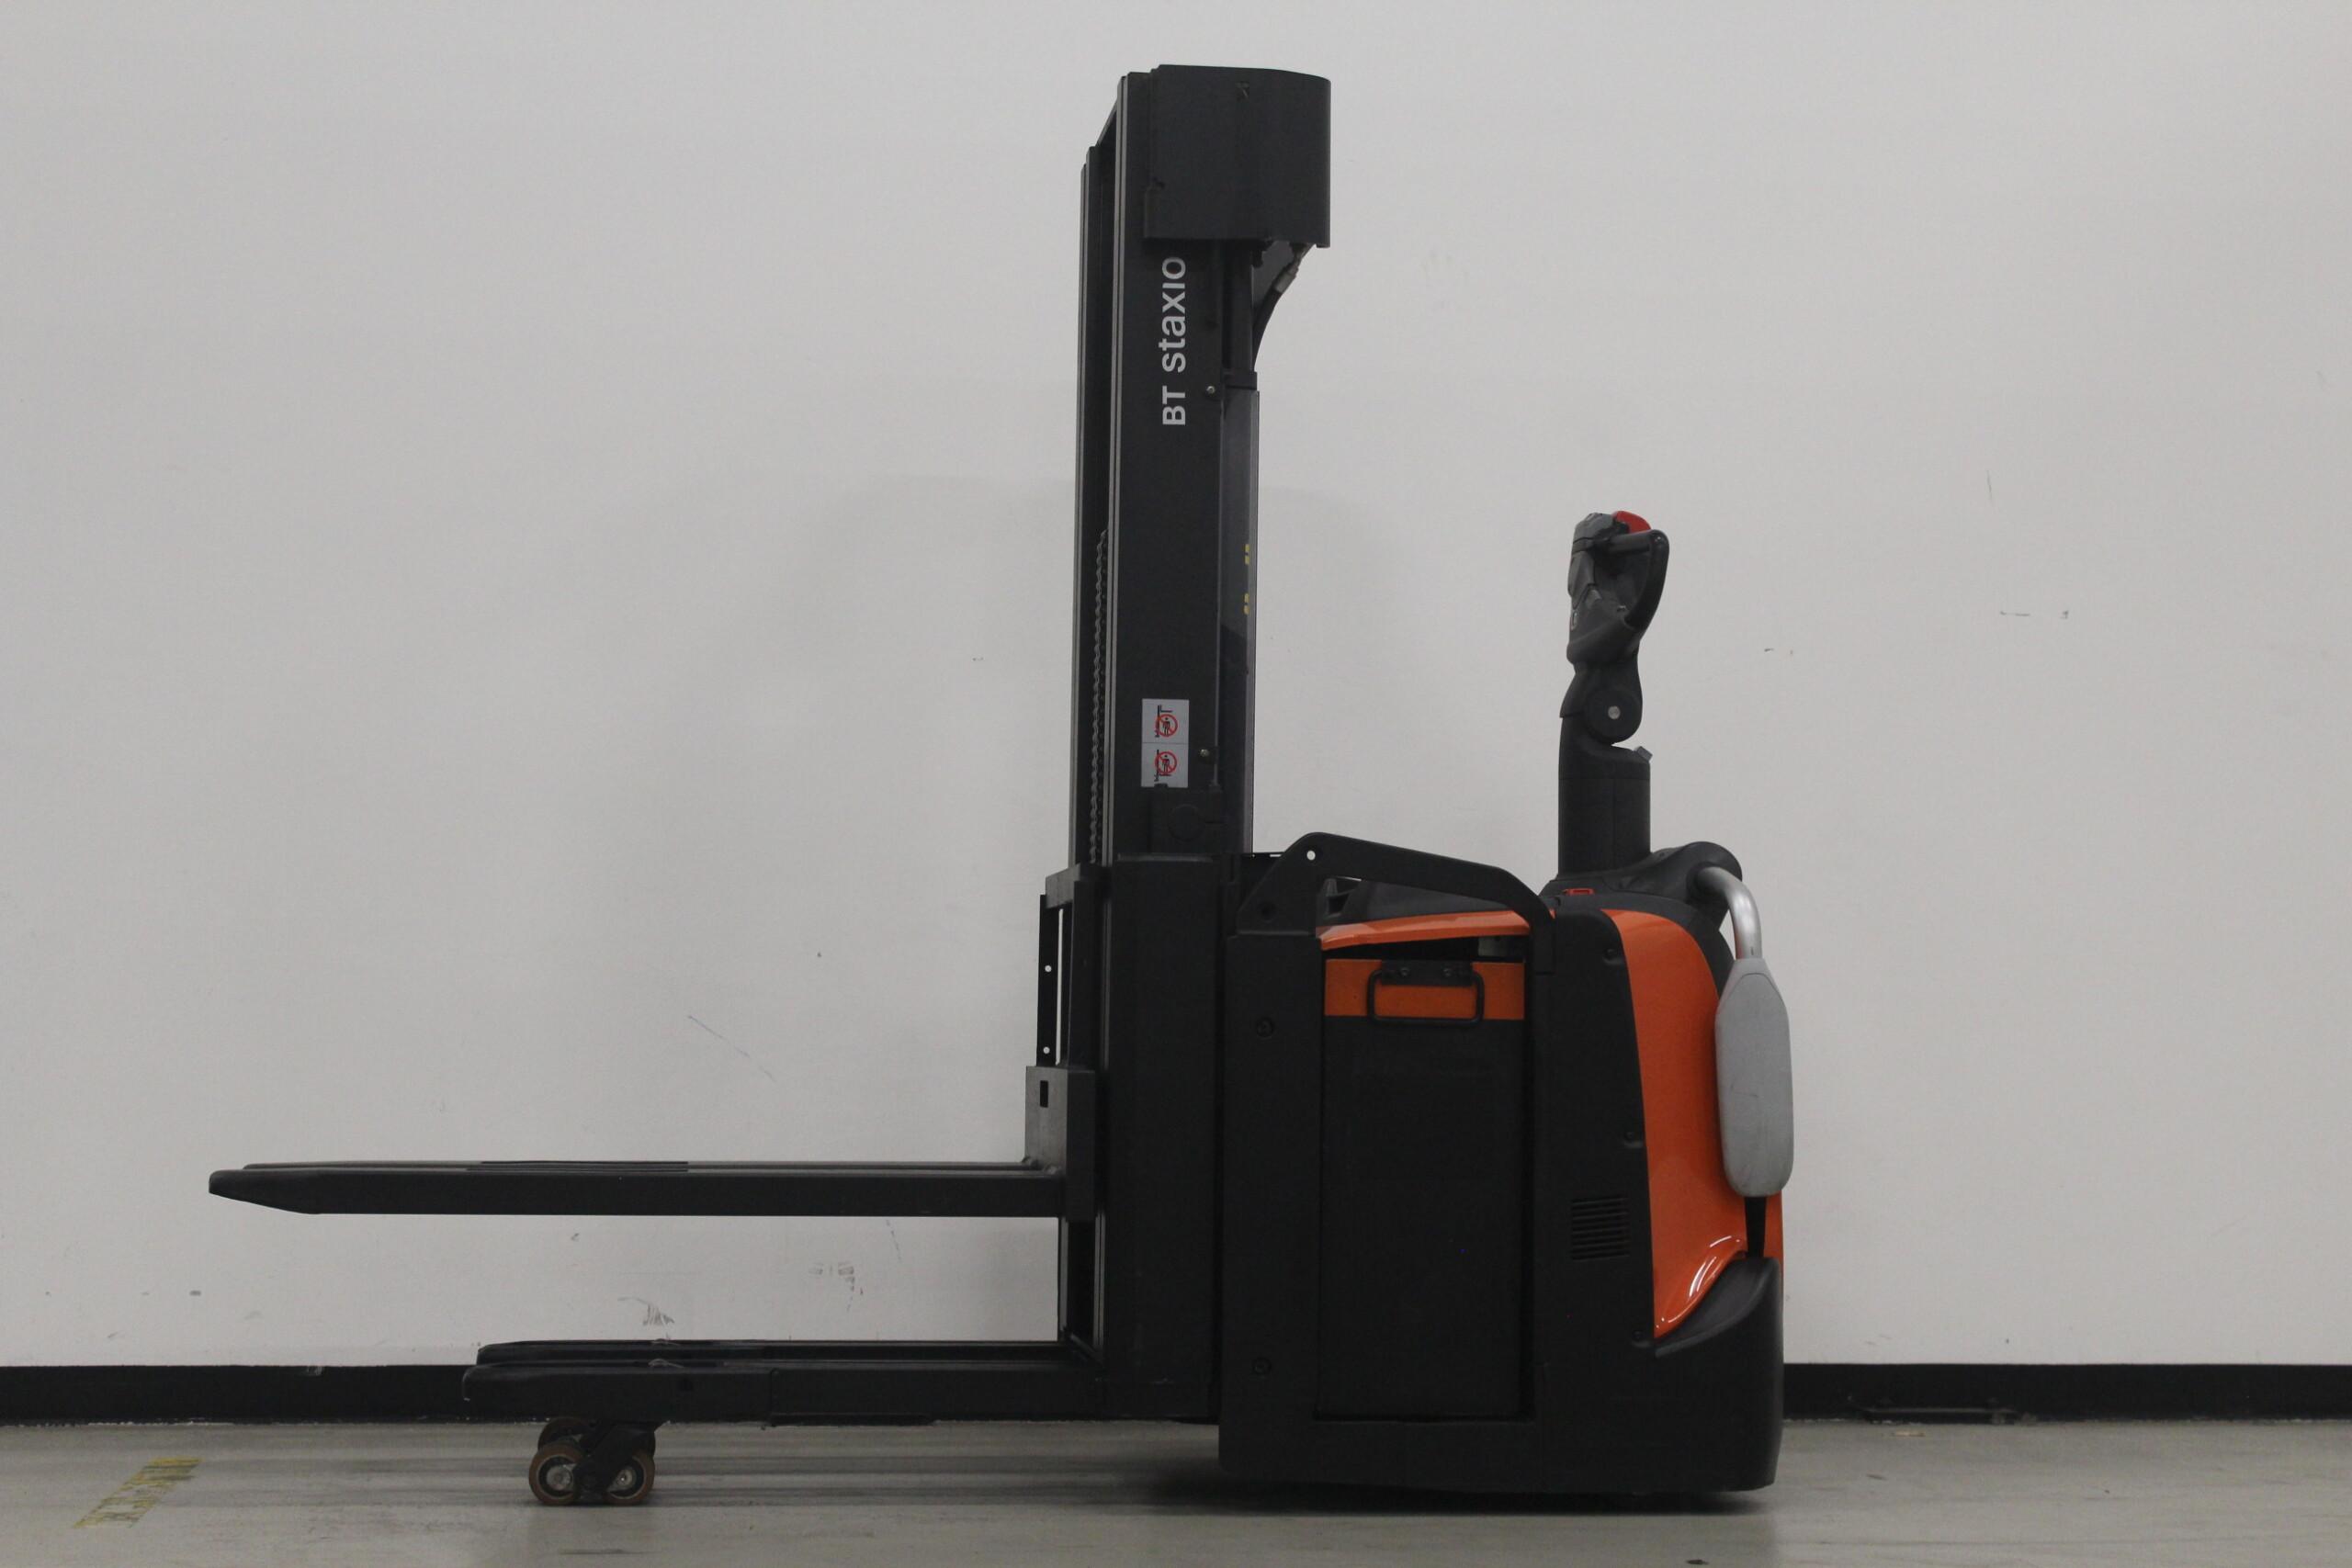 Toyota-Gabelstapler-59840 1712015667 1 2 scaled